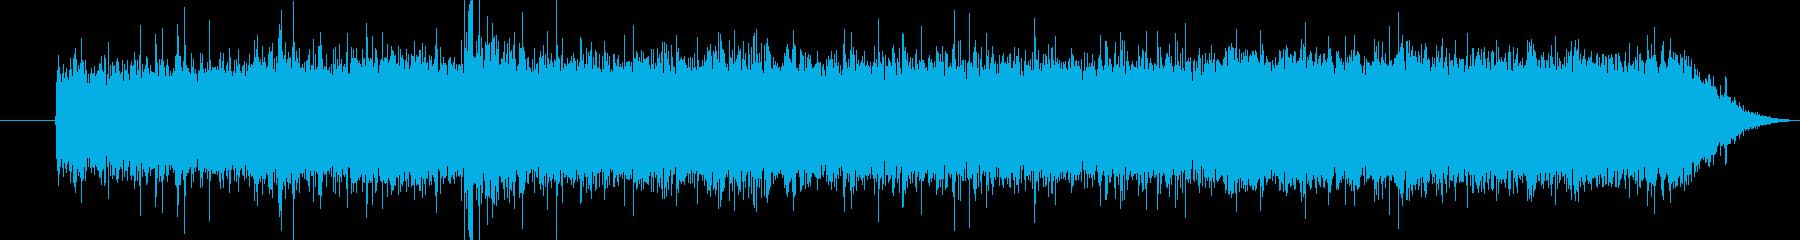 ぴちぴちシュワー(唐揚げの揚げ始めの音)の再生済みの波形